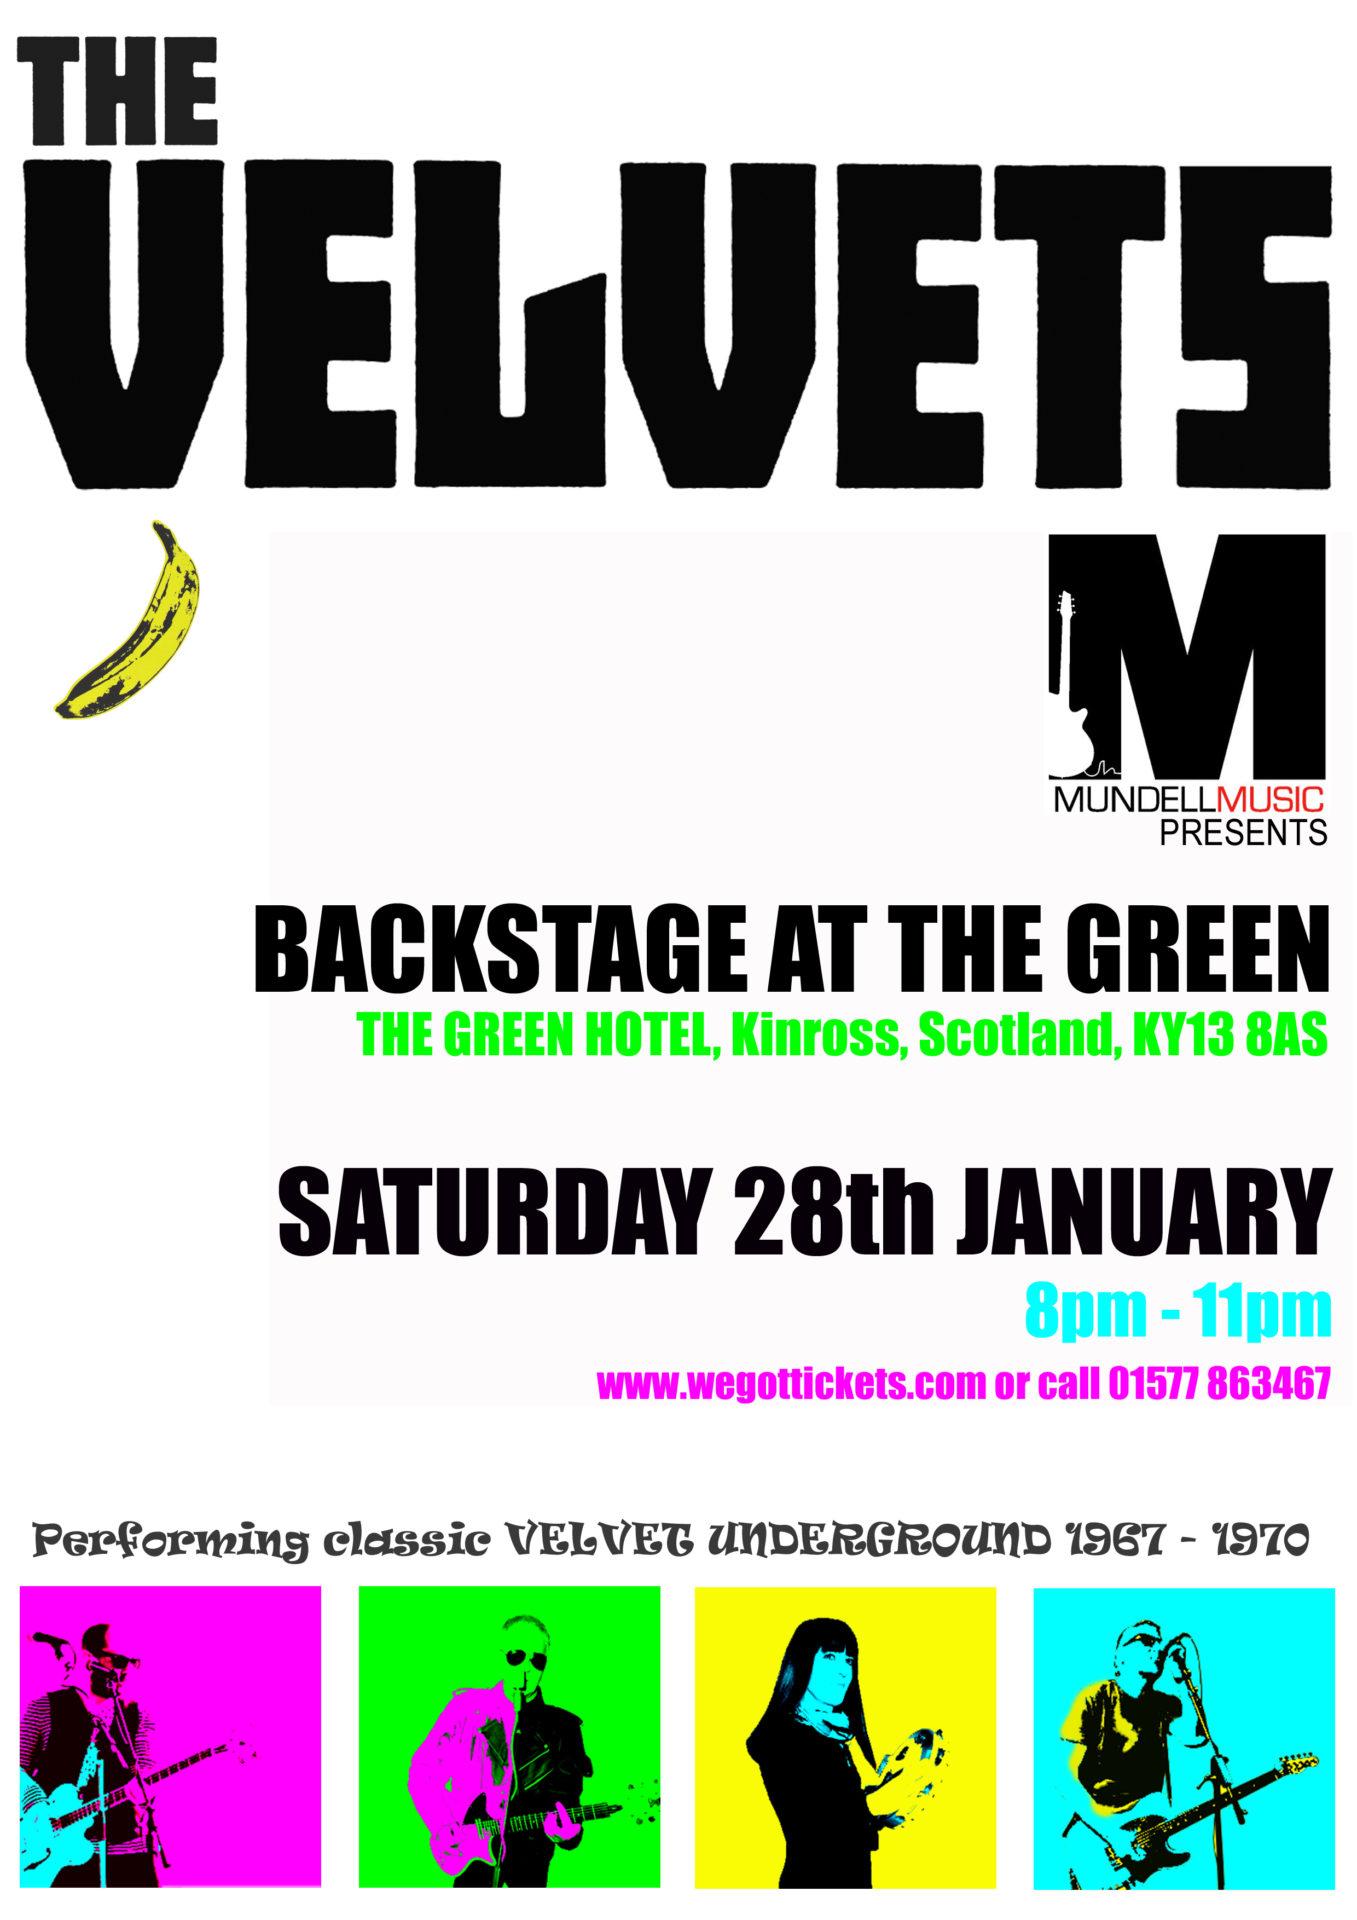 The Velvets Play Backstage Kinross - Mundell MusicMundell Music